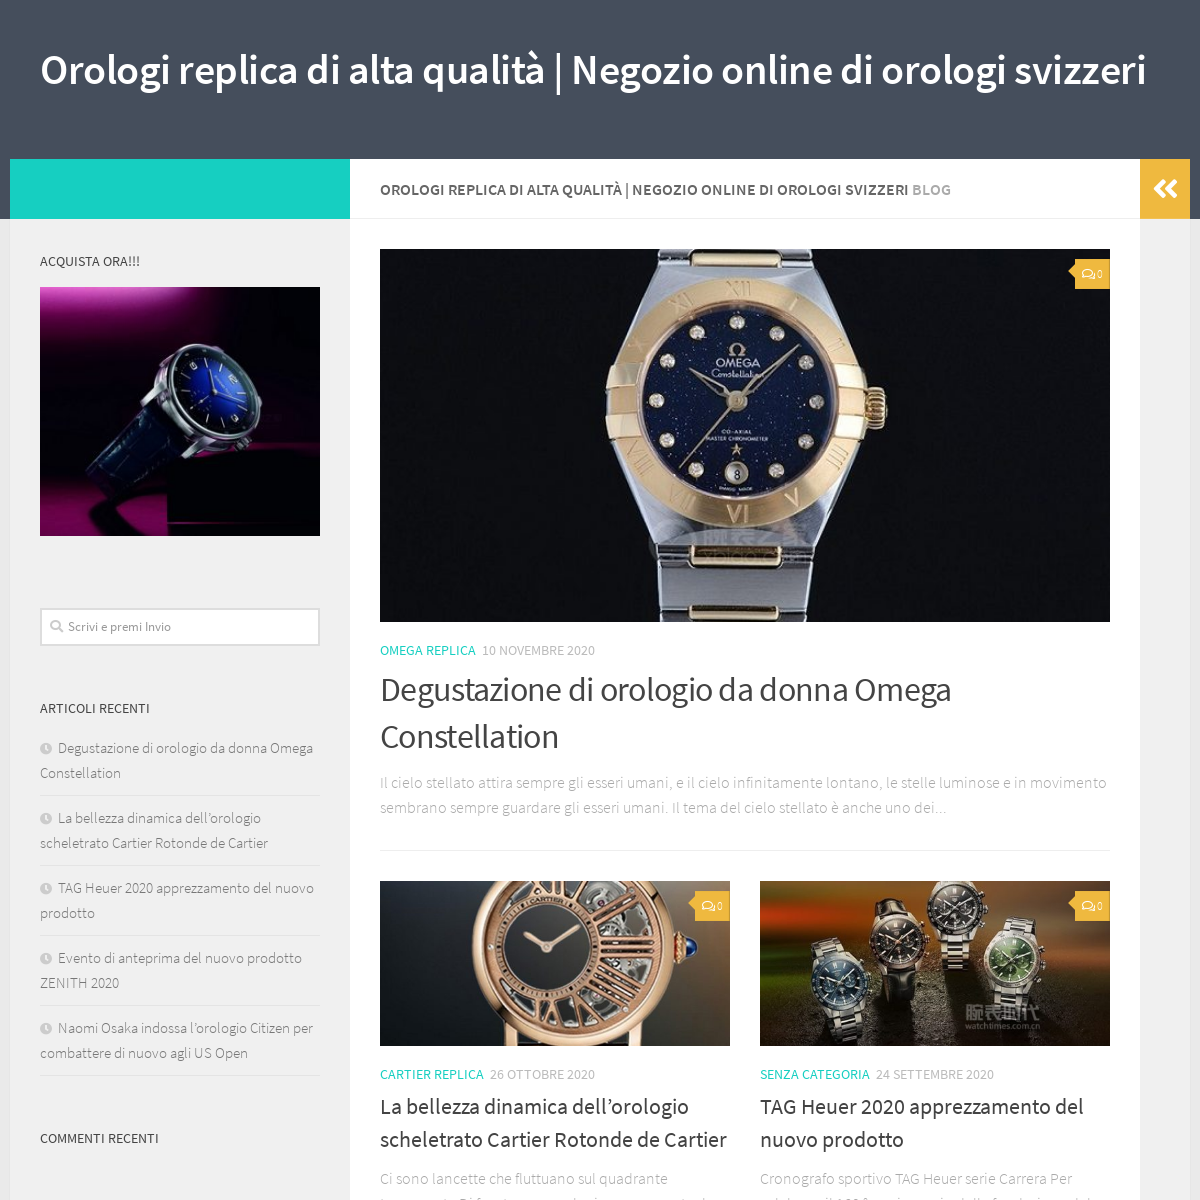 Orologi replica di alta qualità - Negozio online di orologi svizzeri